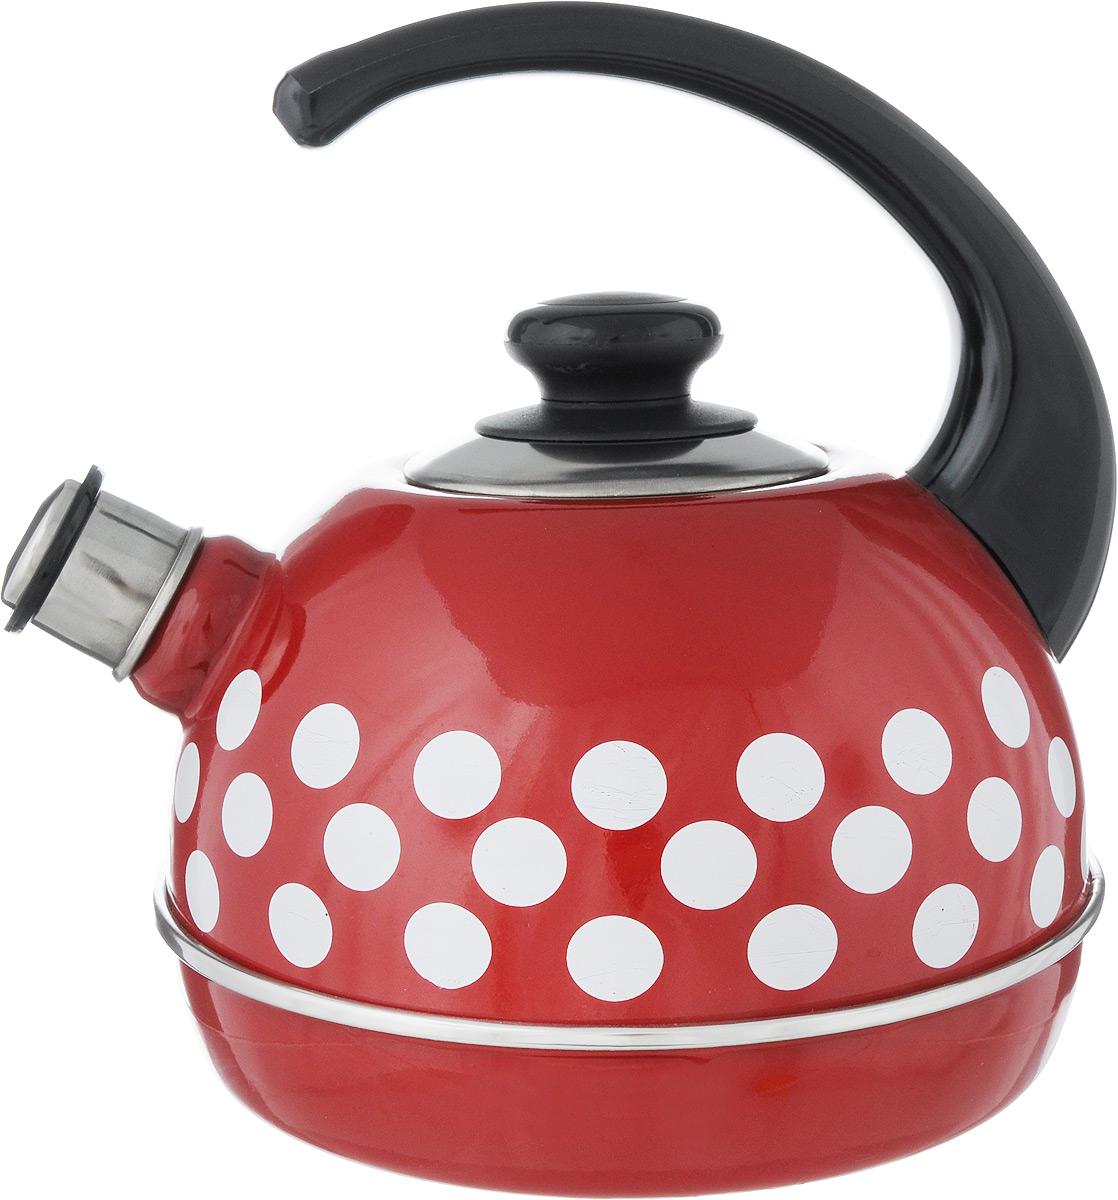 Чайник эмалированный Рубин Горох, со свистком, цвет: бордовый, белый, 3,5 л. T04VT-1520(SR)Чайник Рубин Горох выполнен из высококачественного стального проката, что обеспечивает долговечность использования. Внешнее трехслойное эмалевое покрытие Mefrit не вступает во взаимодействие с пищевыми продуктами. Такое покрытие защищает сталь от коррозии, придает посуде гладкую стекловидную поверхность и надежно защищает от кислот и щелочей. Чайник оснащен фиксированной ручкой из пластика и крышкой, которая плотно прилегает к краю. Носик чайника оснащен съемным свистком, звуковой сигнал которого подскажет, когда закипит вода. Можно мыть в посудомоечной машине. Пригоден для всех видов плит, включая индукционные. Высота чайника (с учетом ручки): 24 см.Высота чайника (без учета крышки и ручки): 14 см.Диаметр по верхнему краю: 8,5 см.